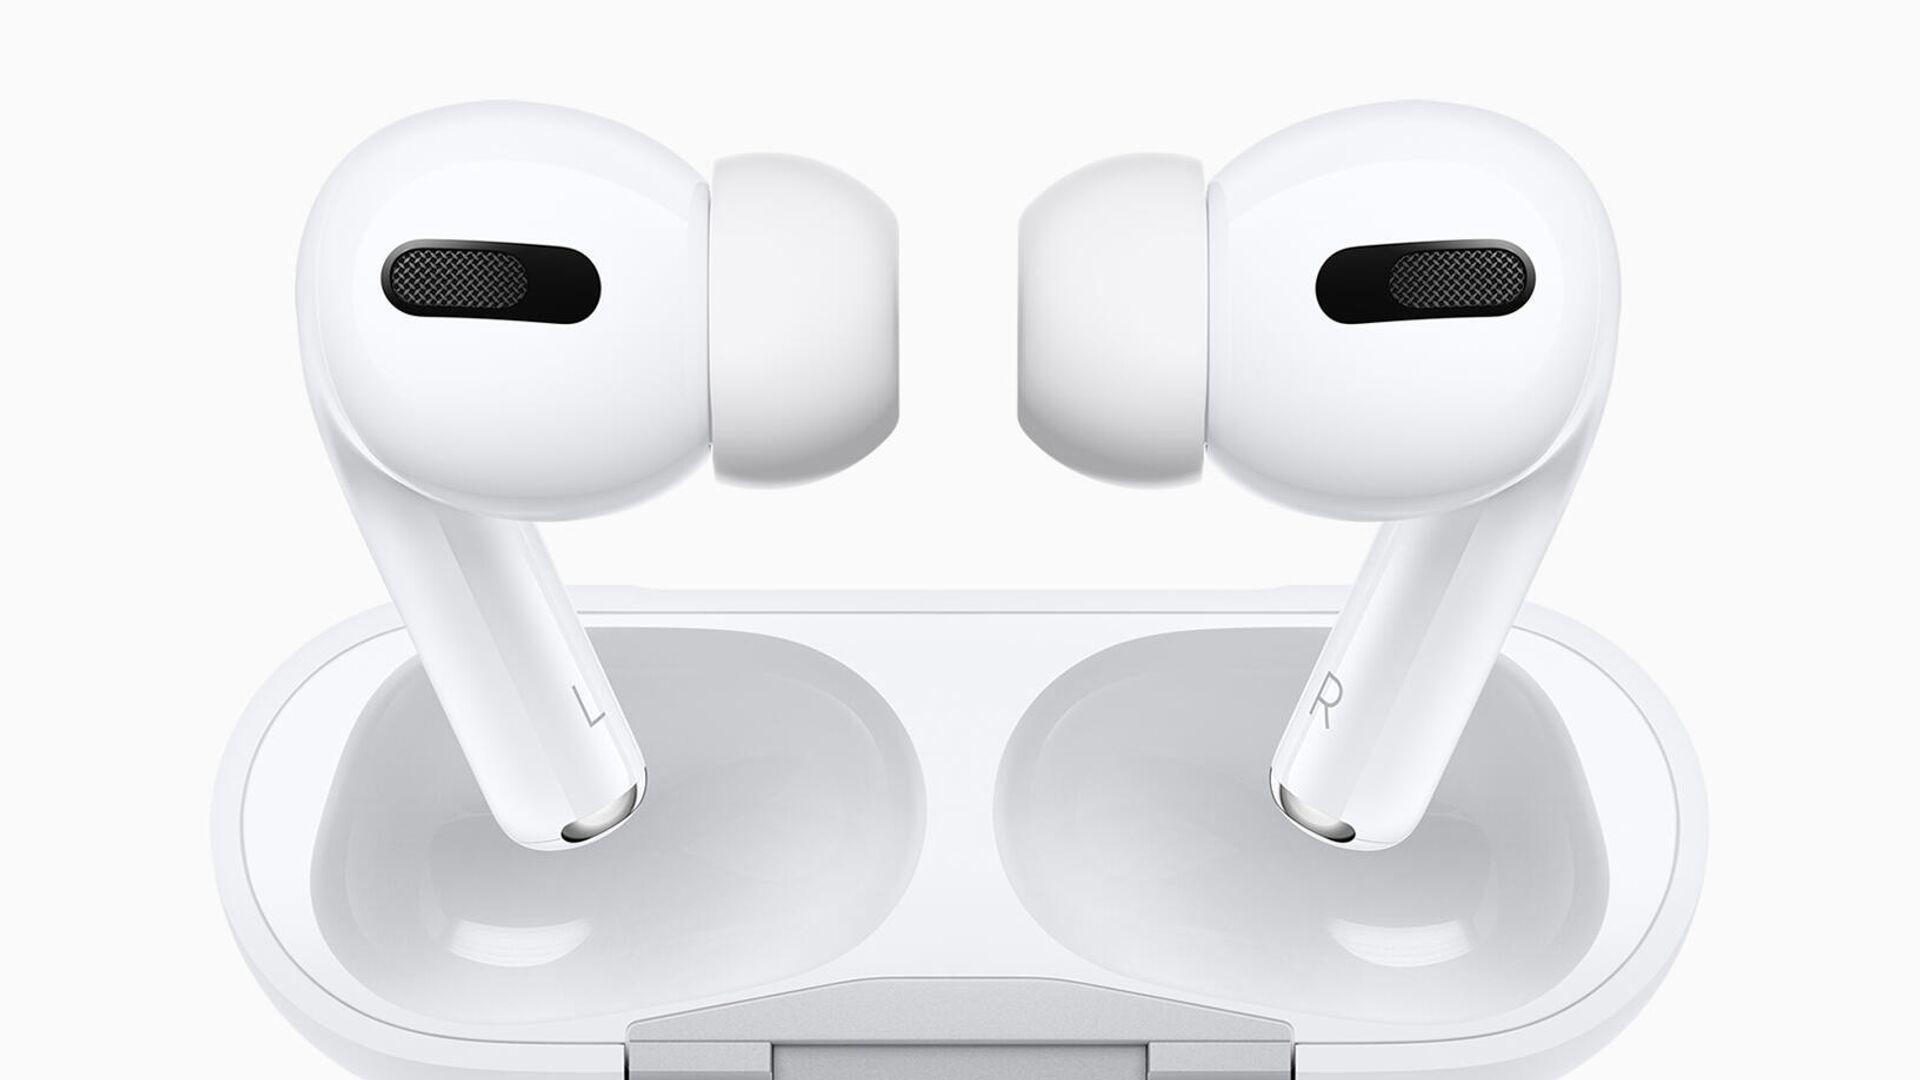 Стало известно, когда Apple покажет новые наушники AirPods